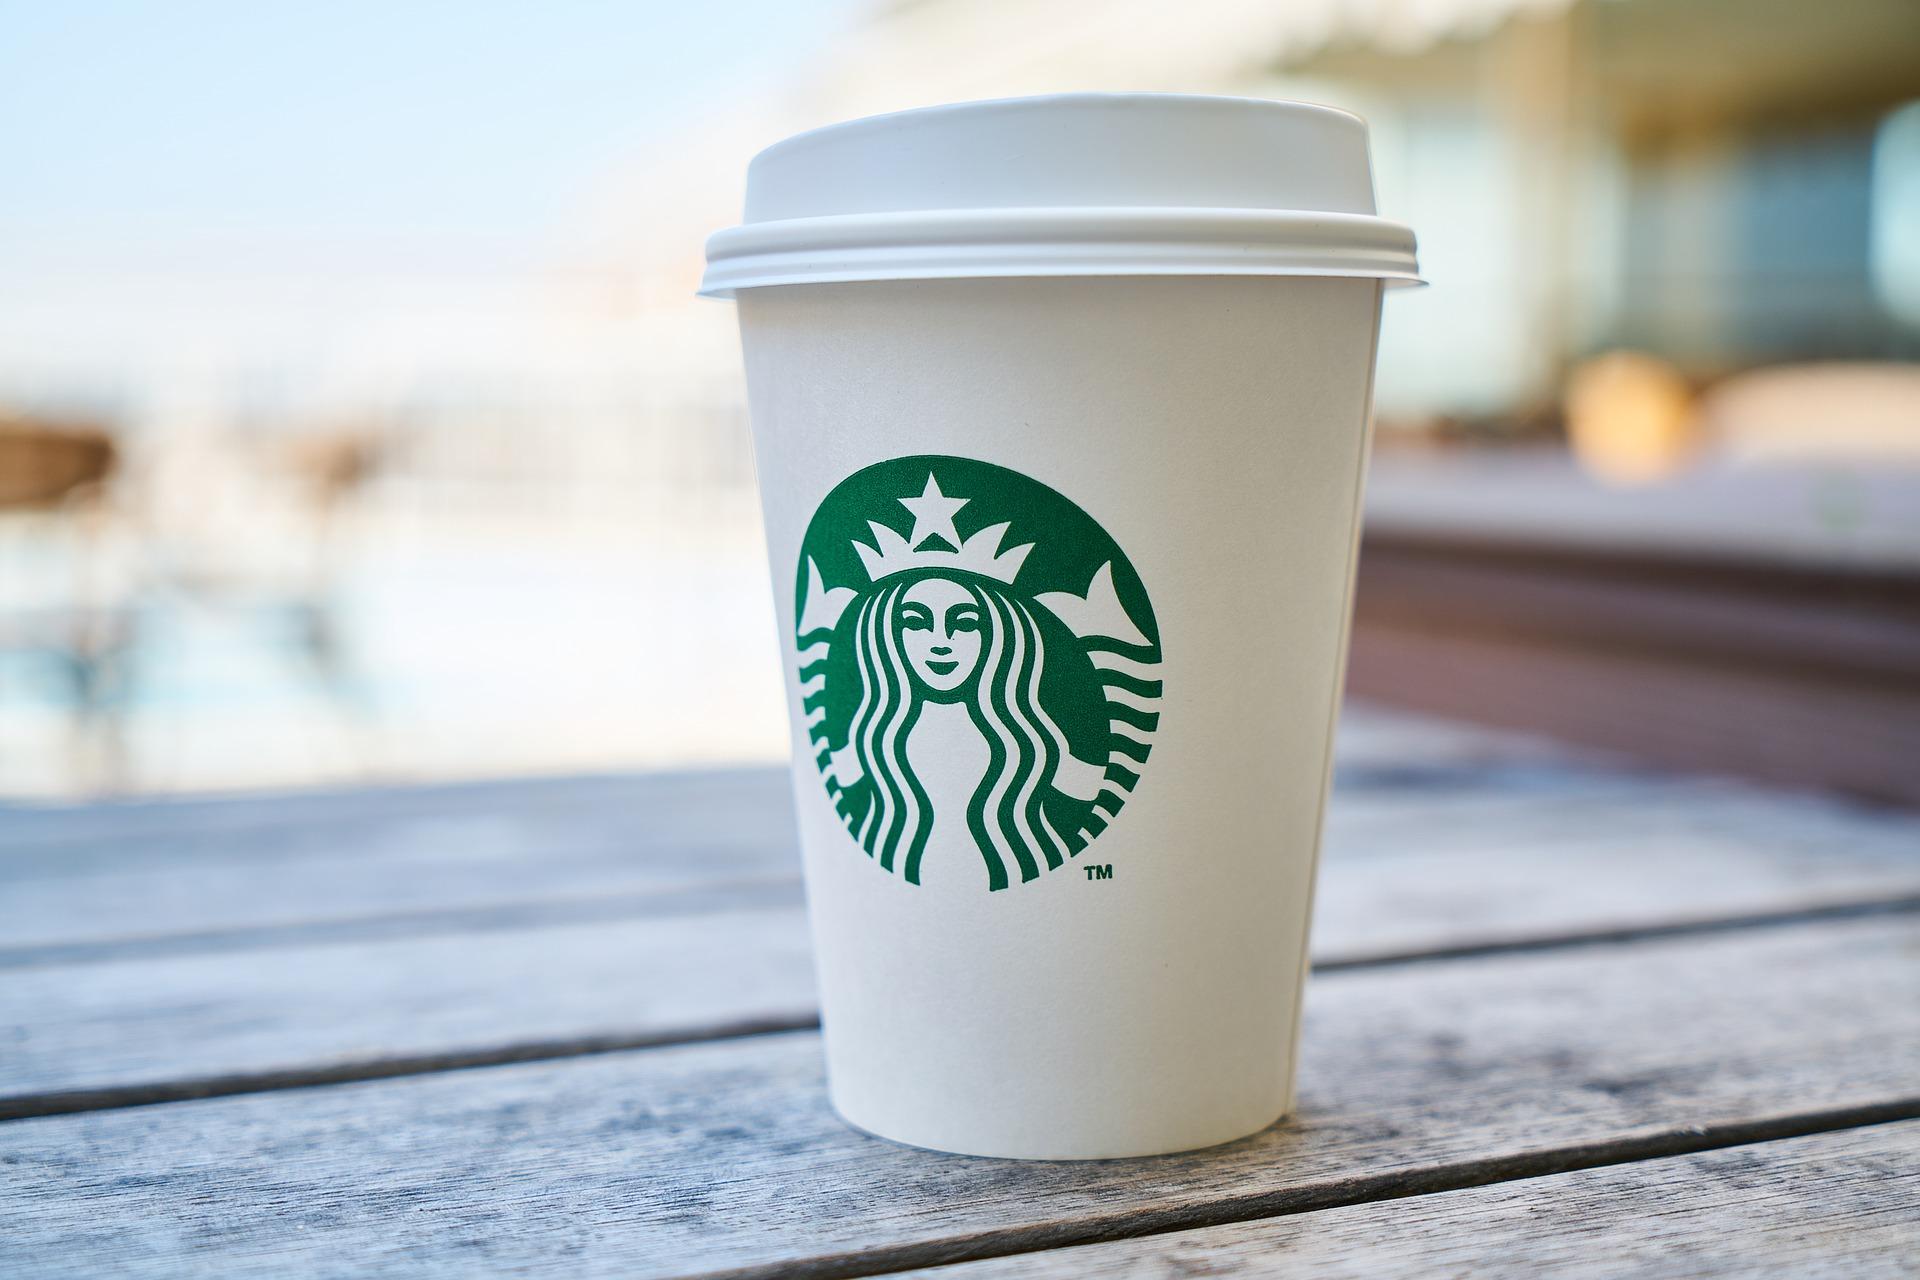 Starbucks Reserve Roastery opens in Shanghai